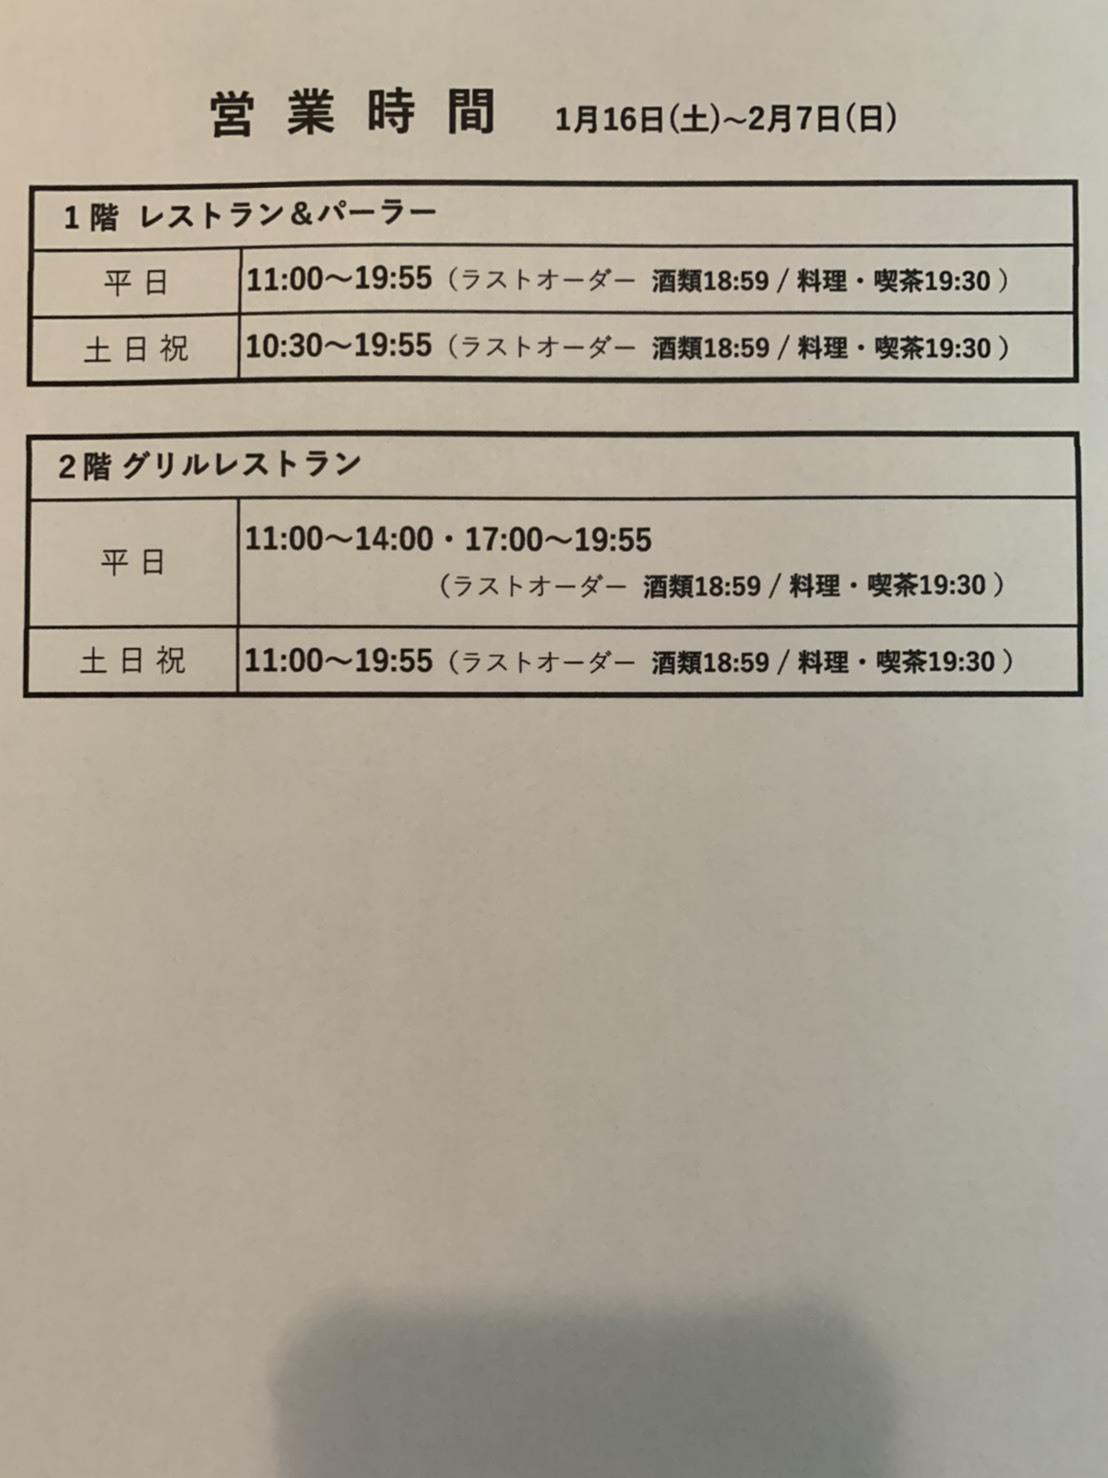 営業時間 短縮の件  レストラン菊水_d0162300_16245858.jpg